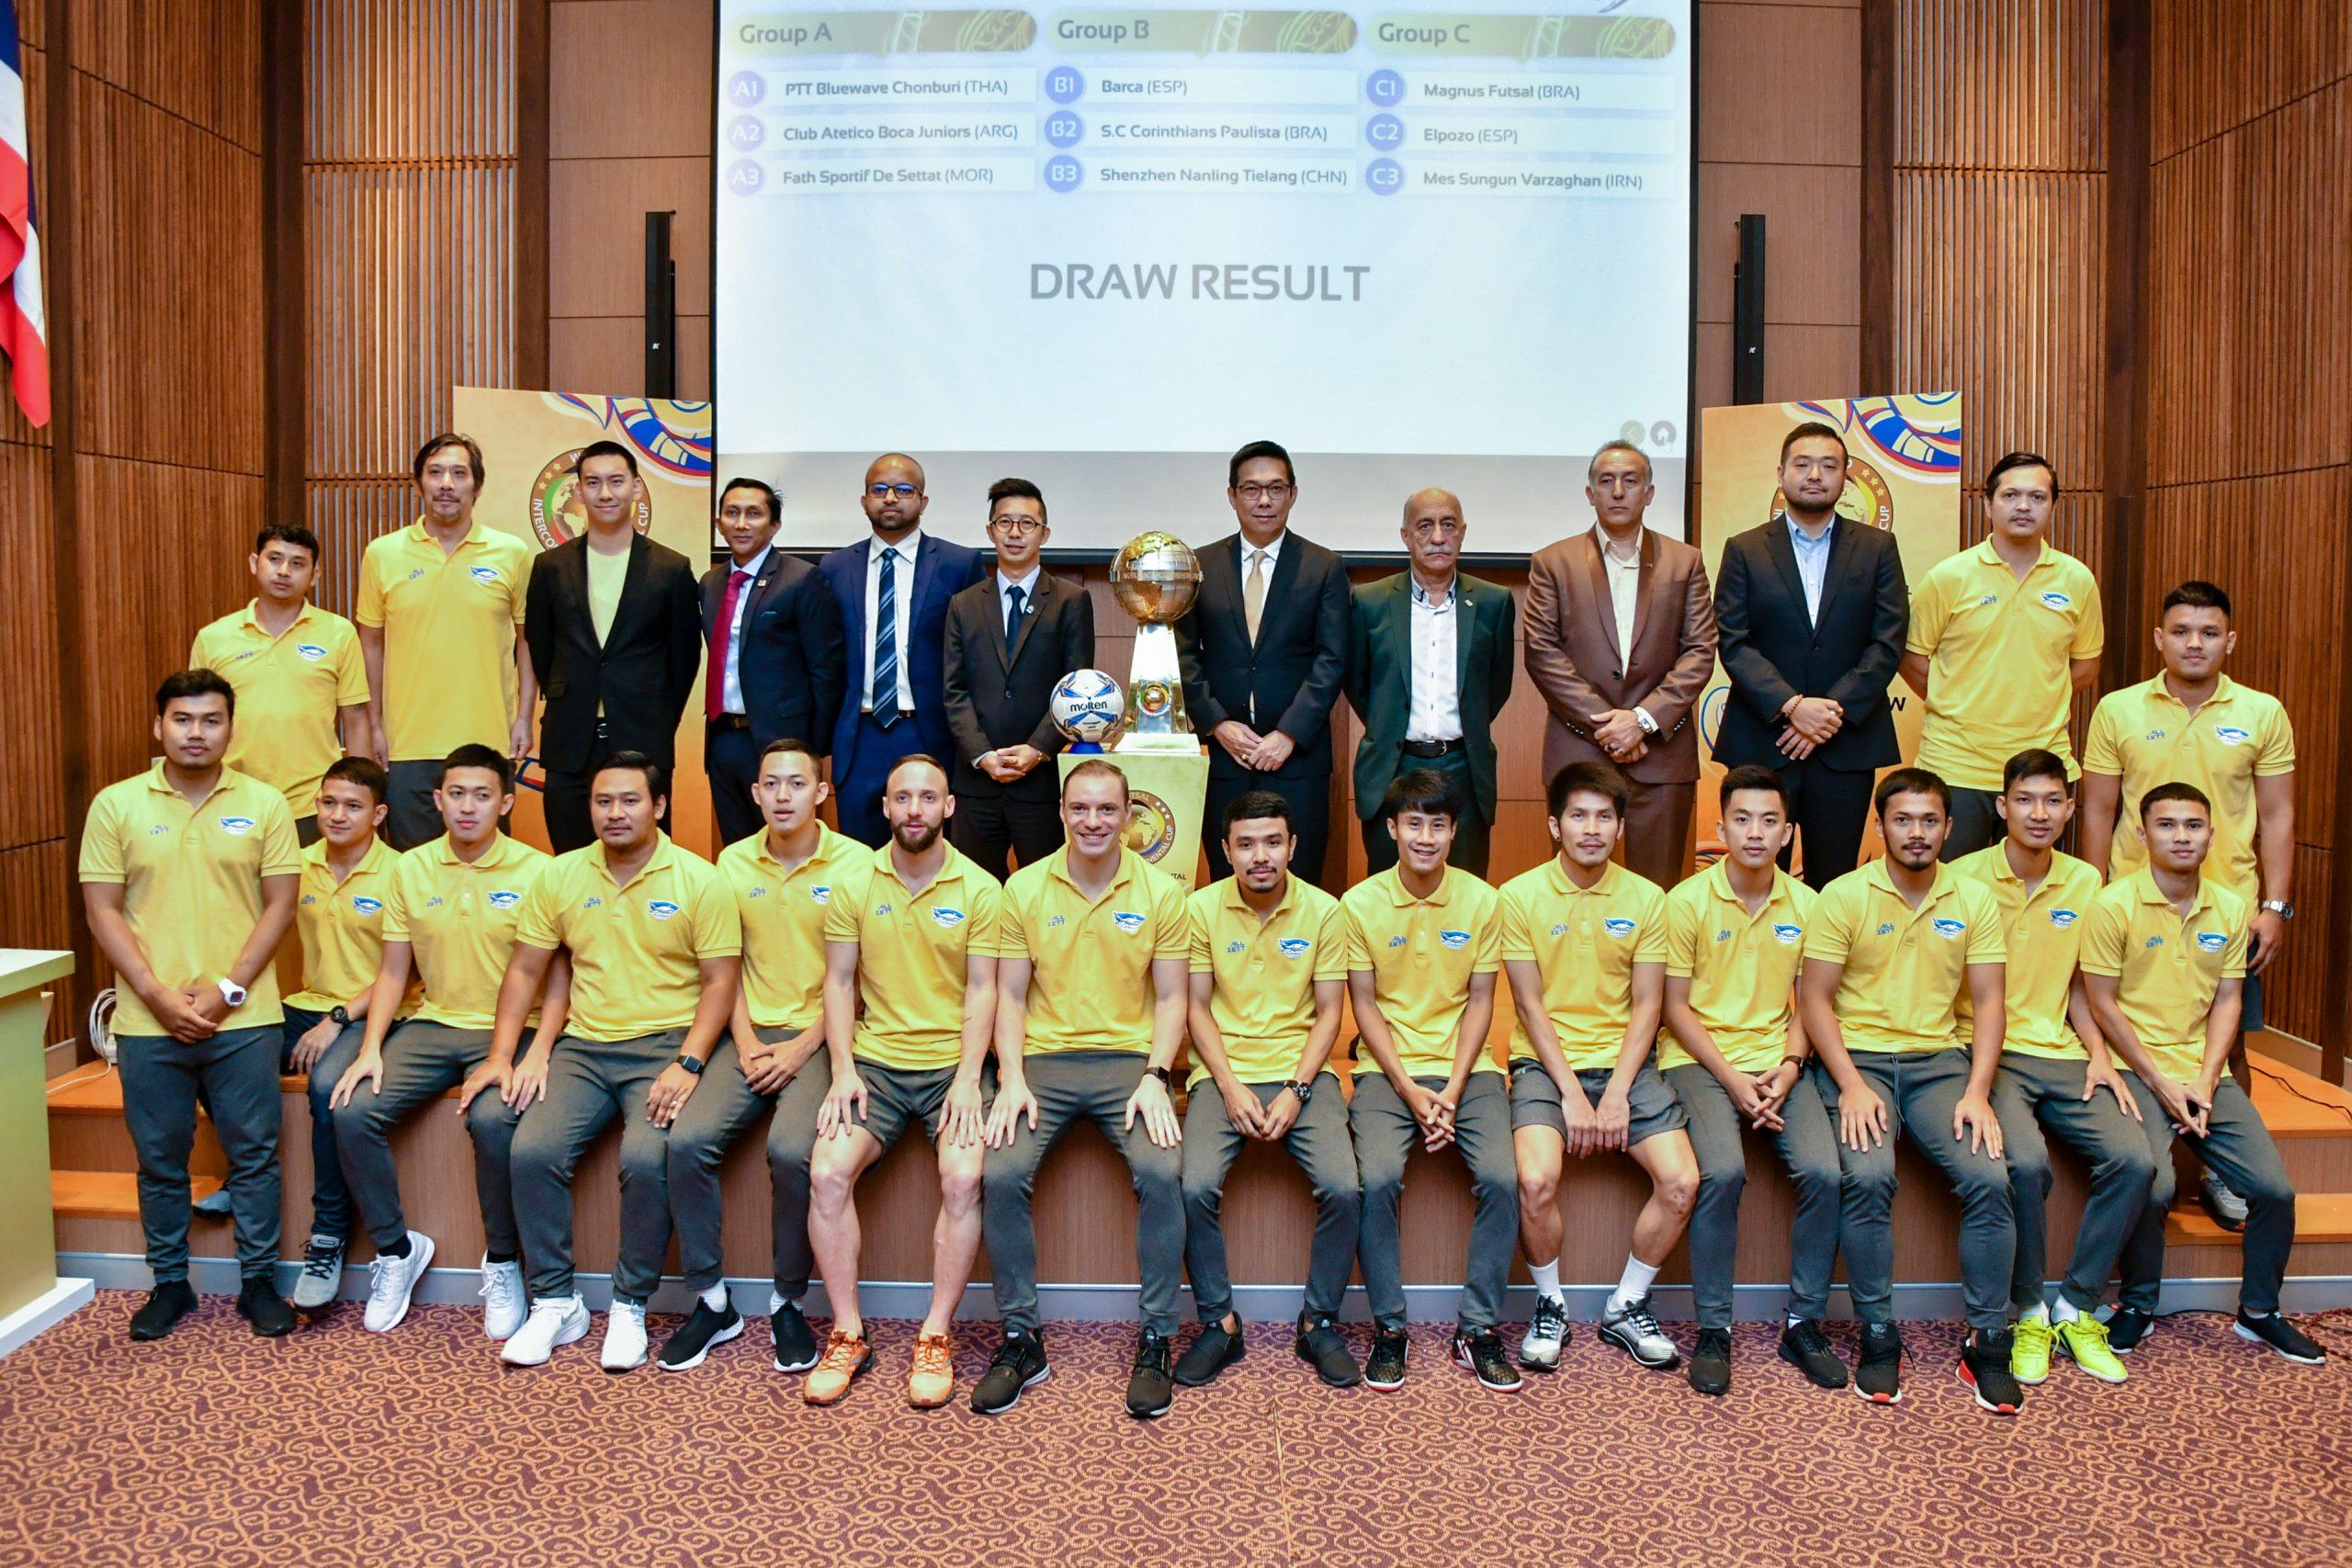 World Intercontinental Futsal Cup 2019 พีทีที บลูเวฟ ชลบุรี ฟัตห์ สปอร์ตทิฟ โบคา จูเนียร์